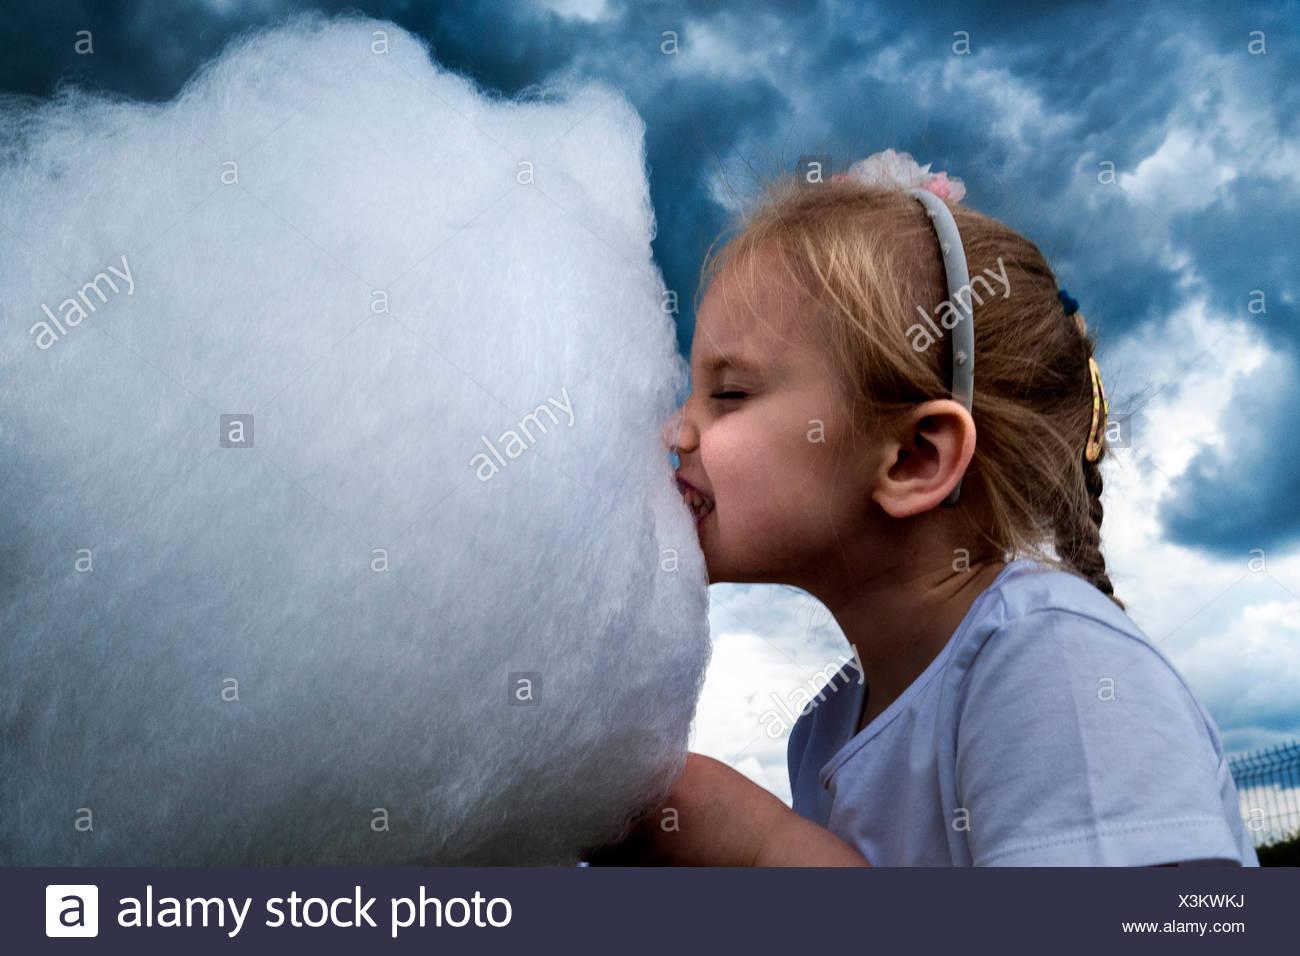 Little girl eating Cotton Candy avec ciel dramatique derrière elle Photo Stock